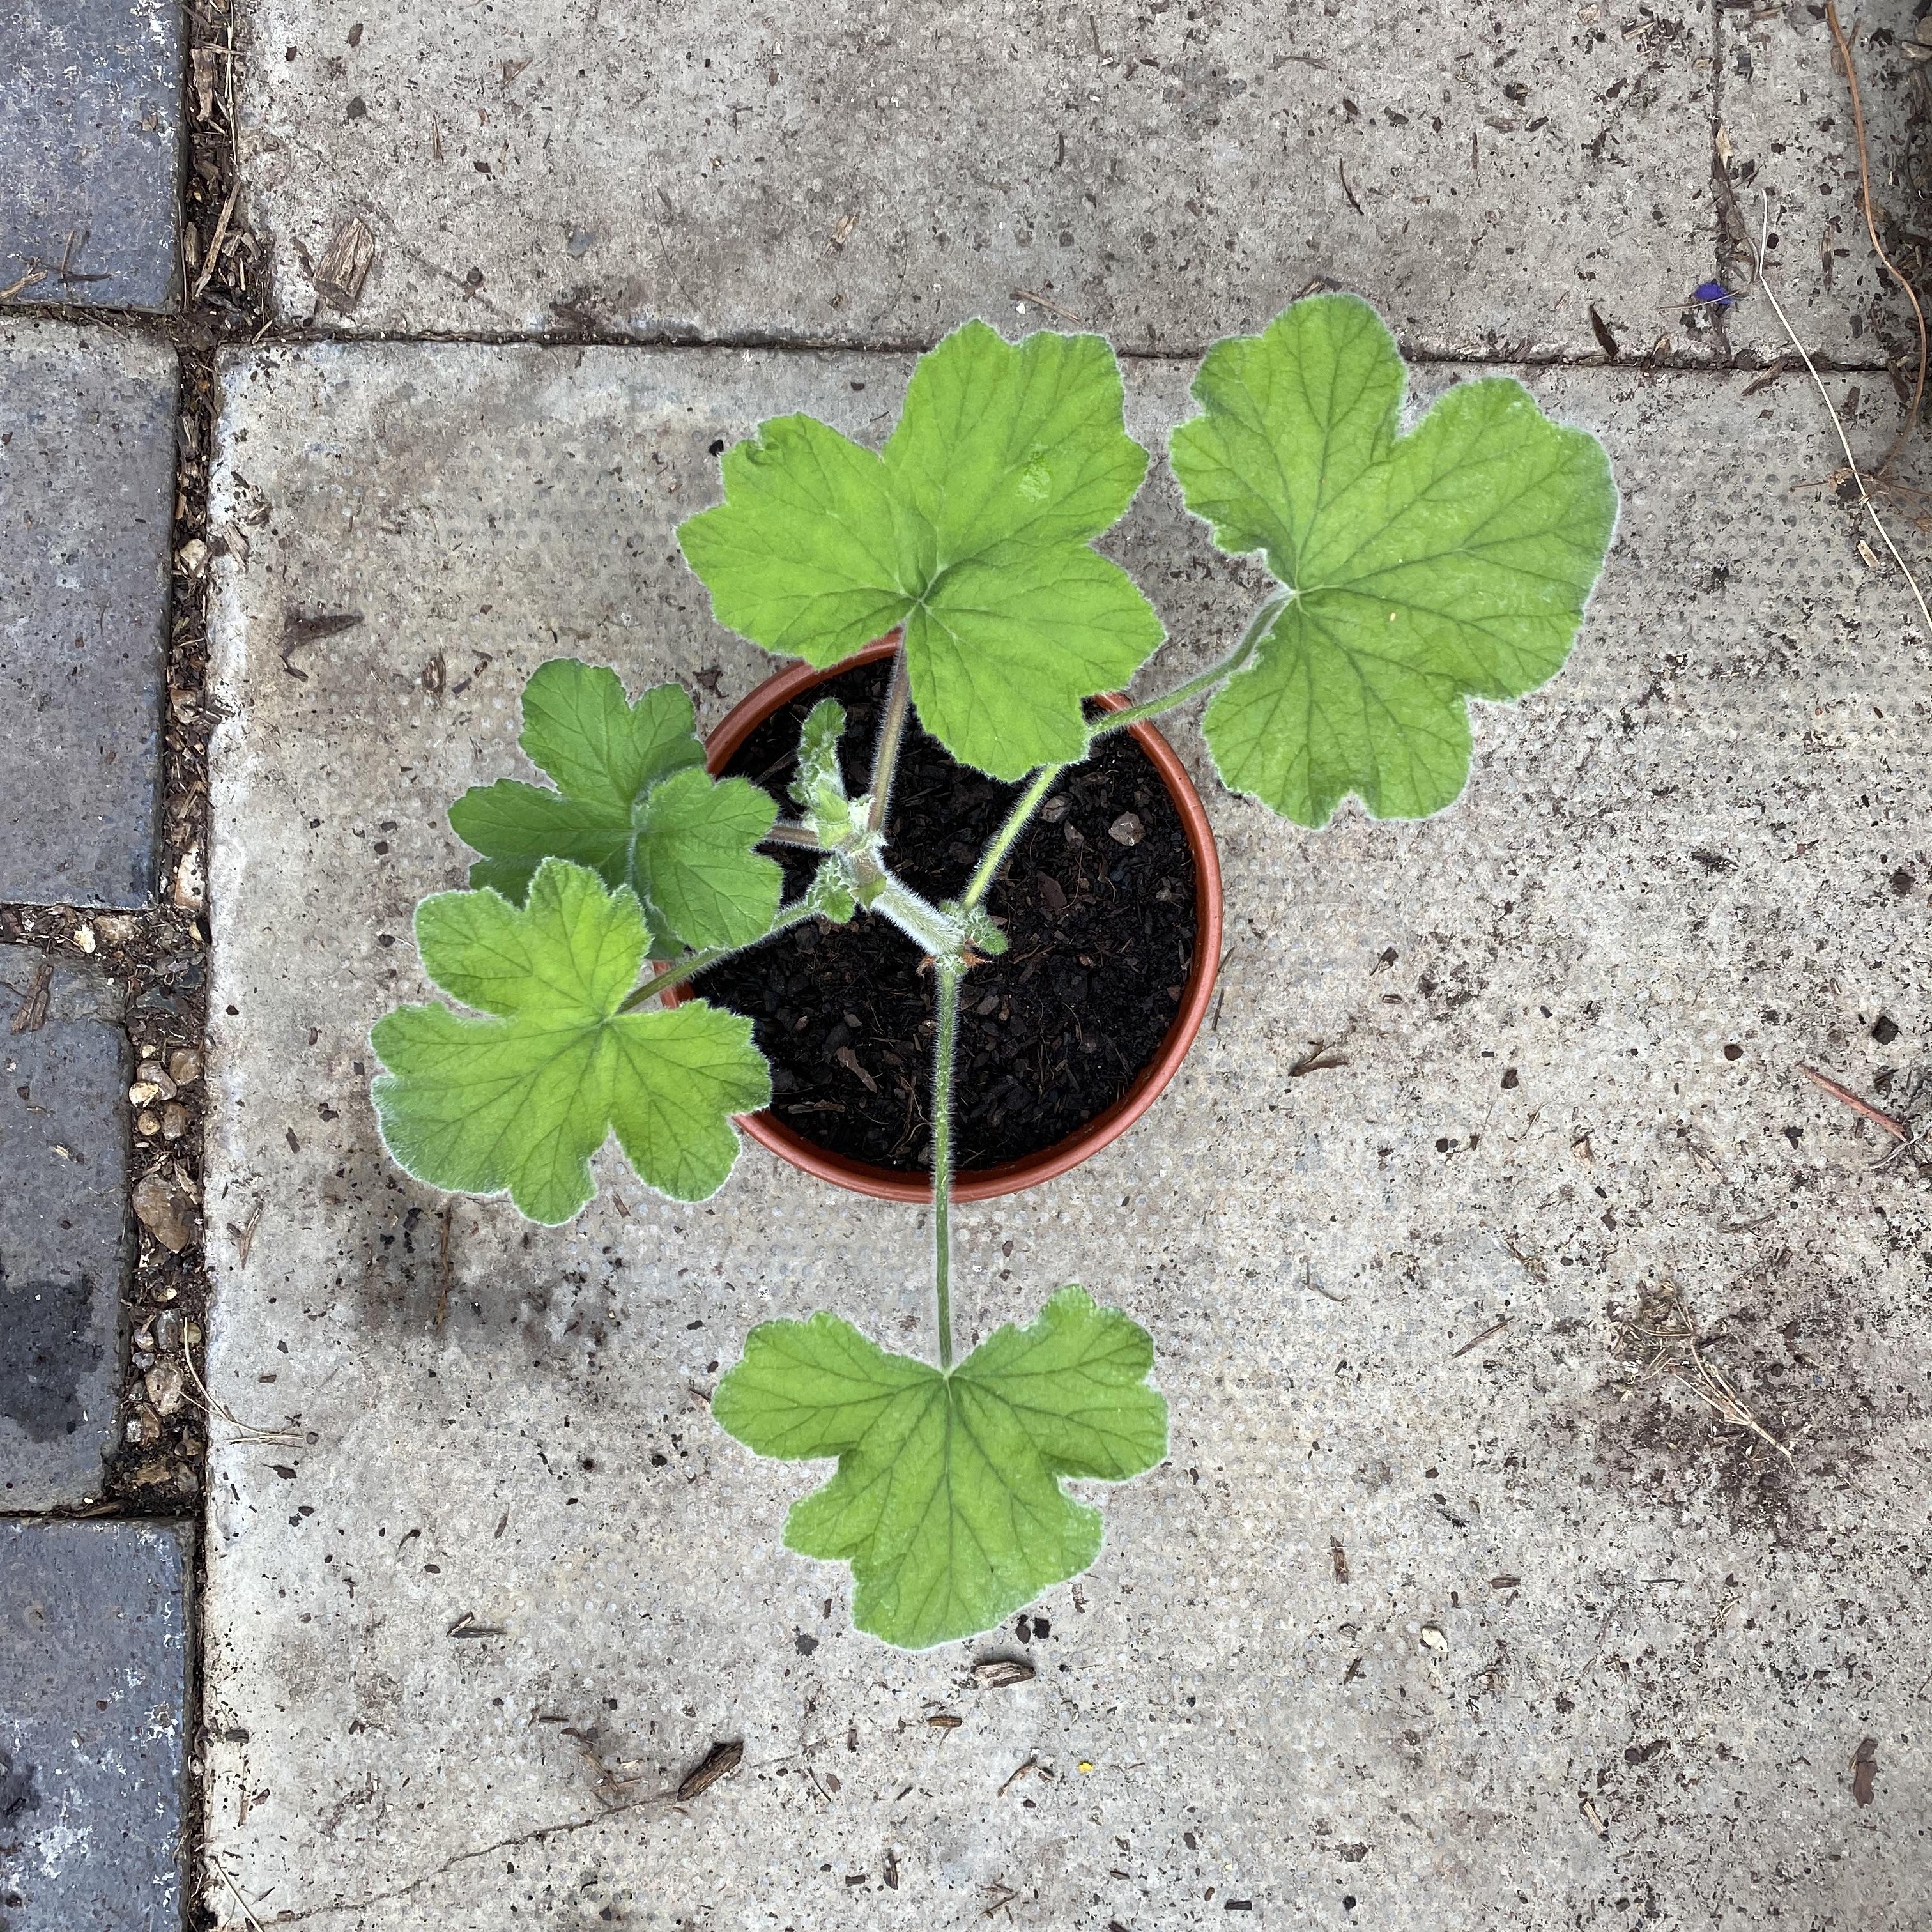 Pelargonium tormentosum (Peppermint scented geranium)